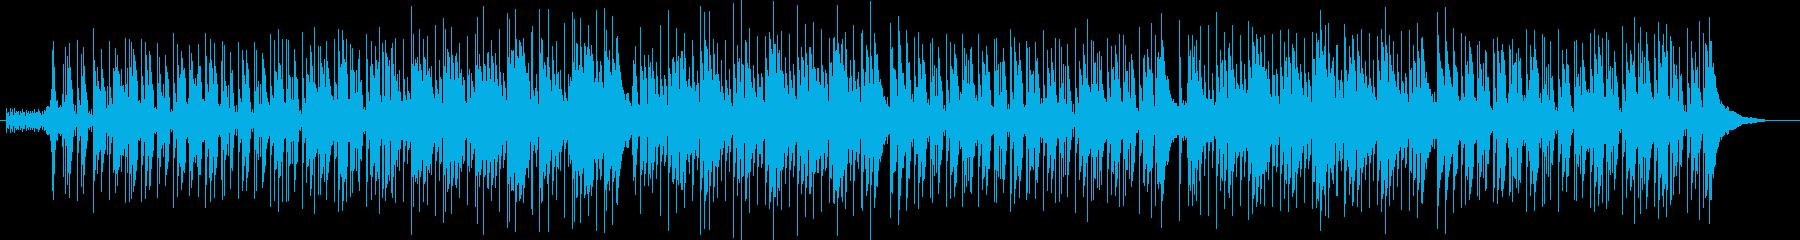 神秘的でしなやかなアコギサウンドの再生済みの波形